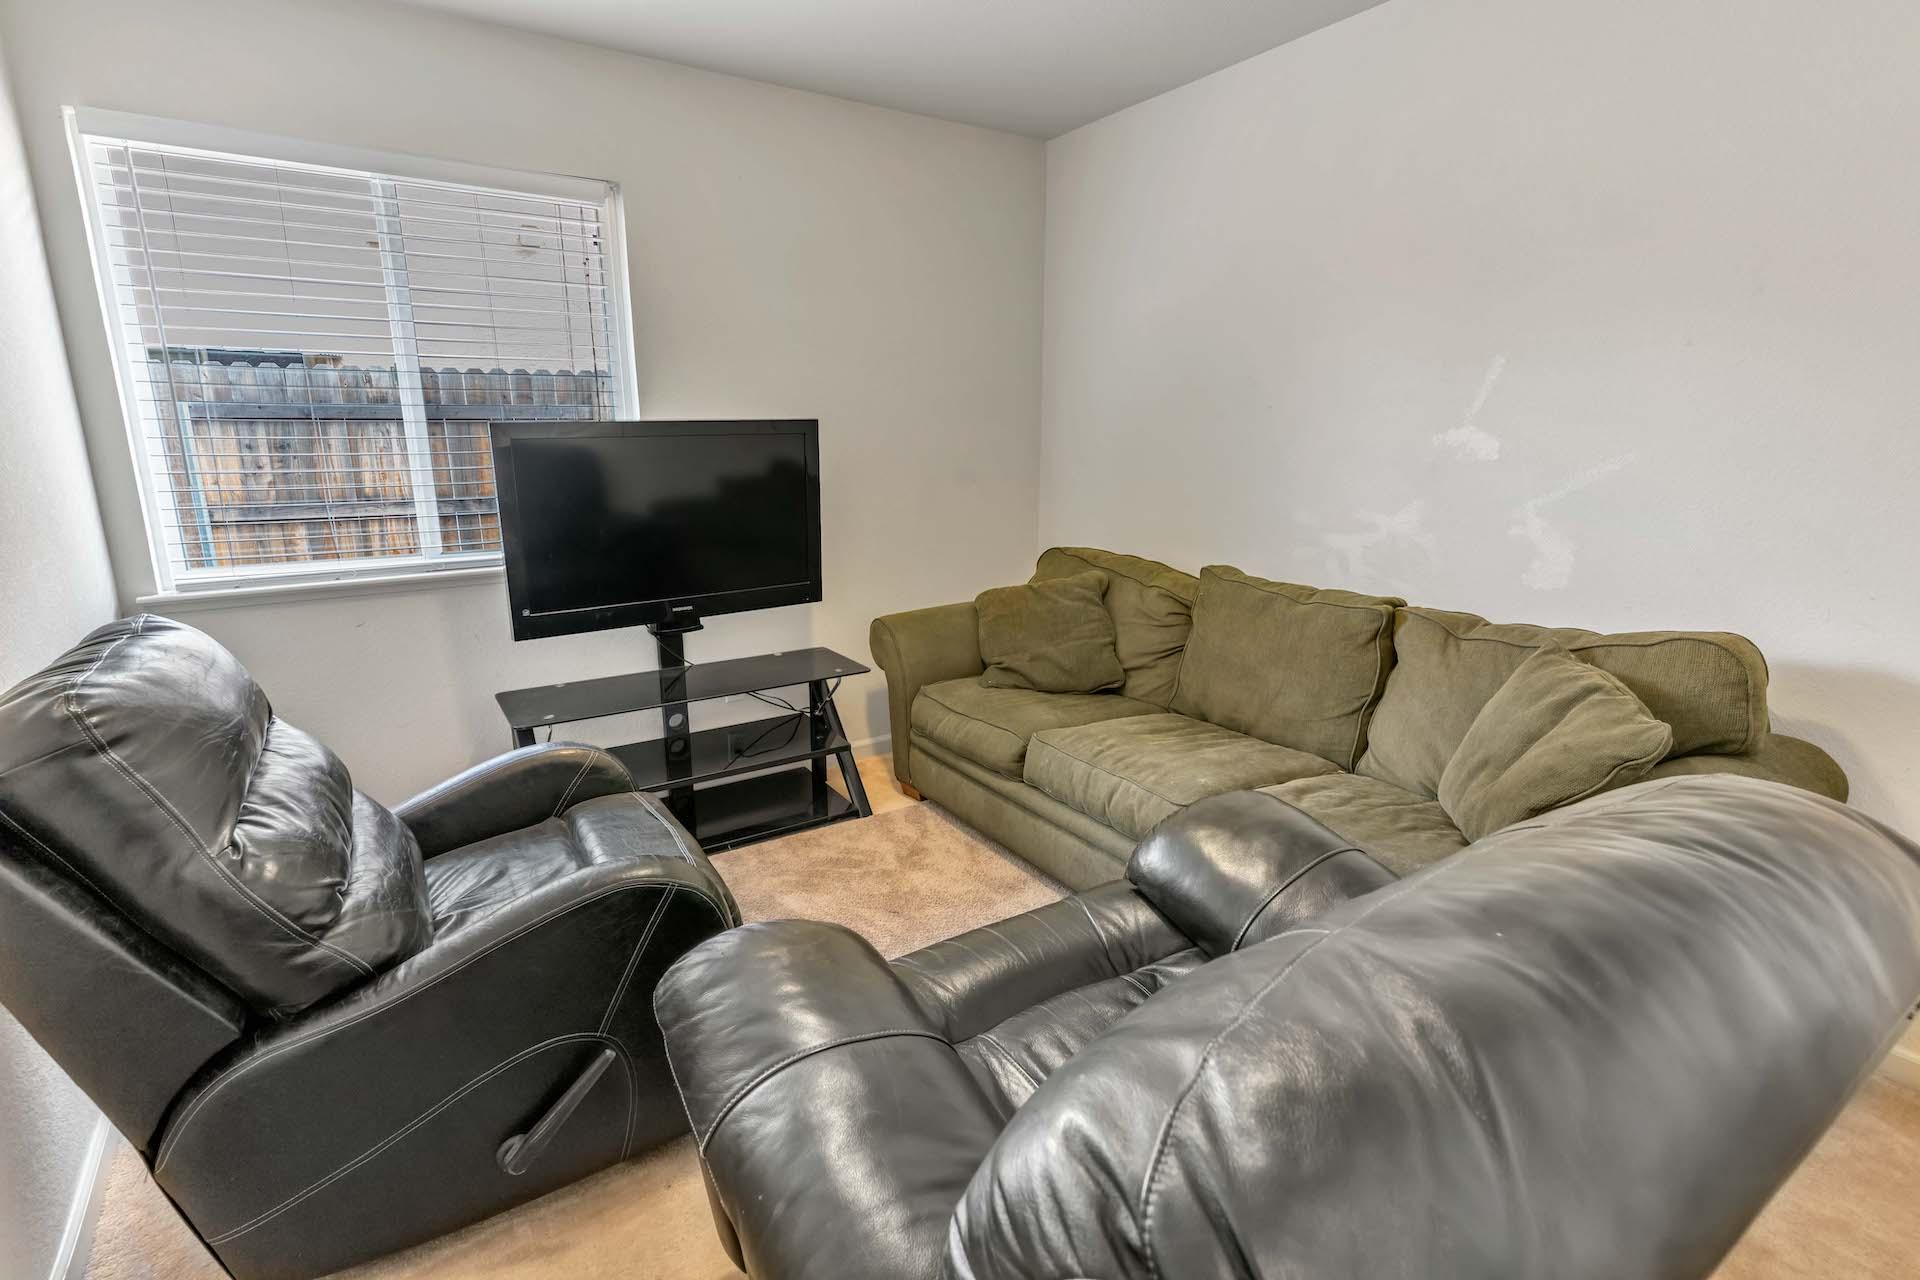 157 Clydesdale Way, Roseville, Ca | Bedroom #3 | Roseville Real Estate Agent